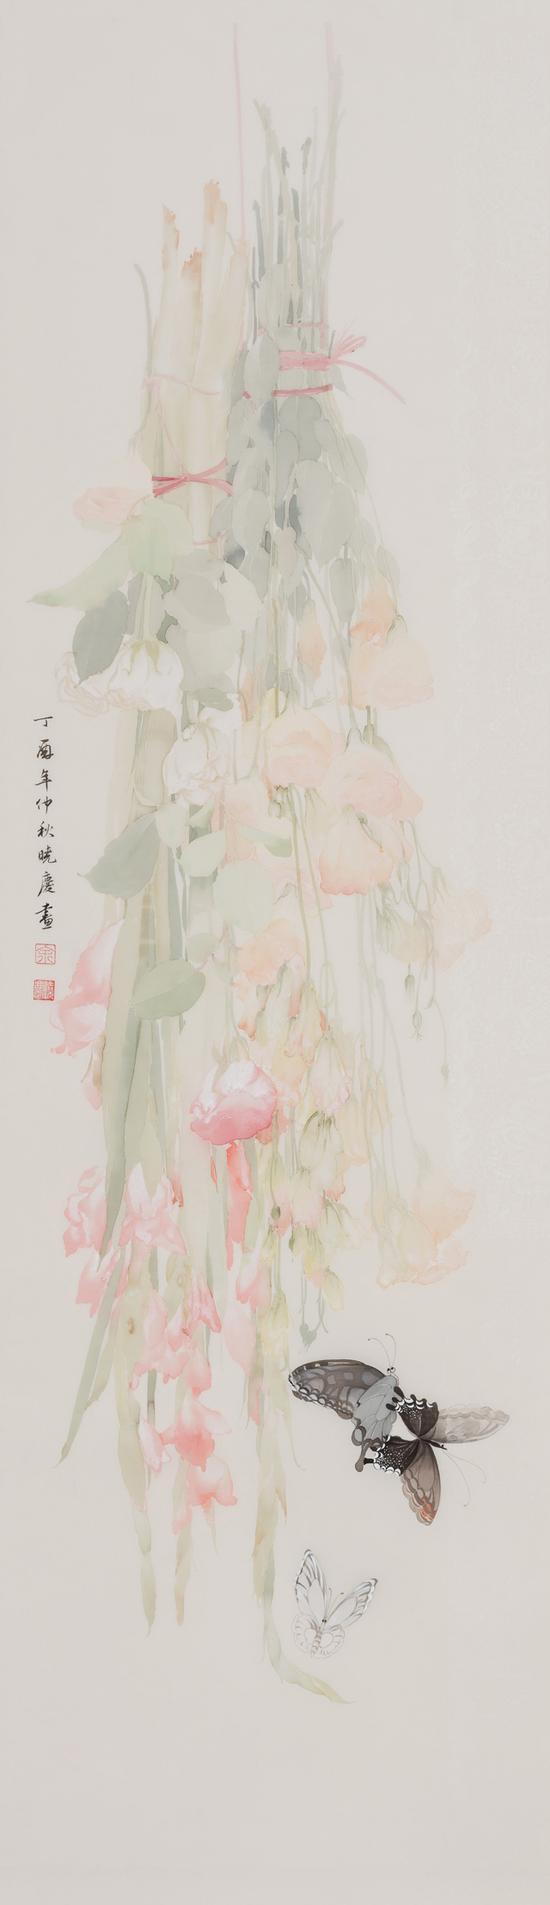 余晓庆,花事阑珊之一,绢本设色,118x36cm,2017